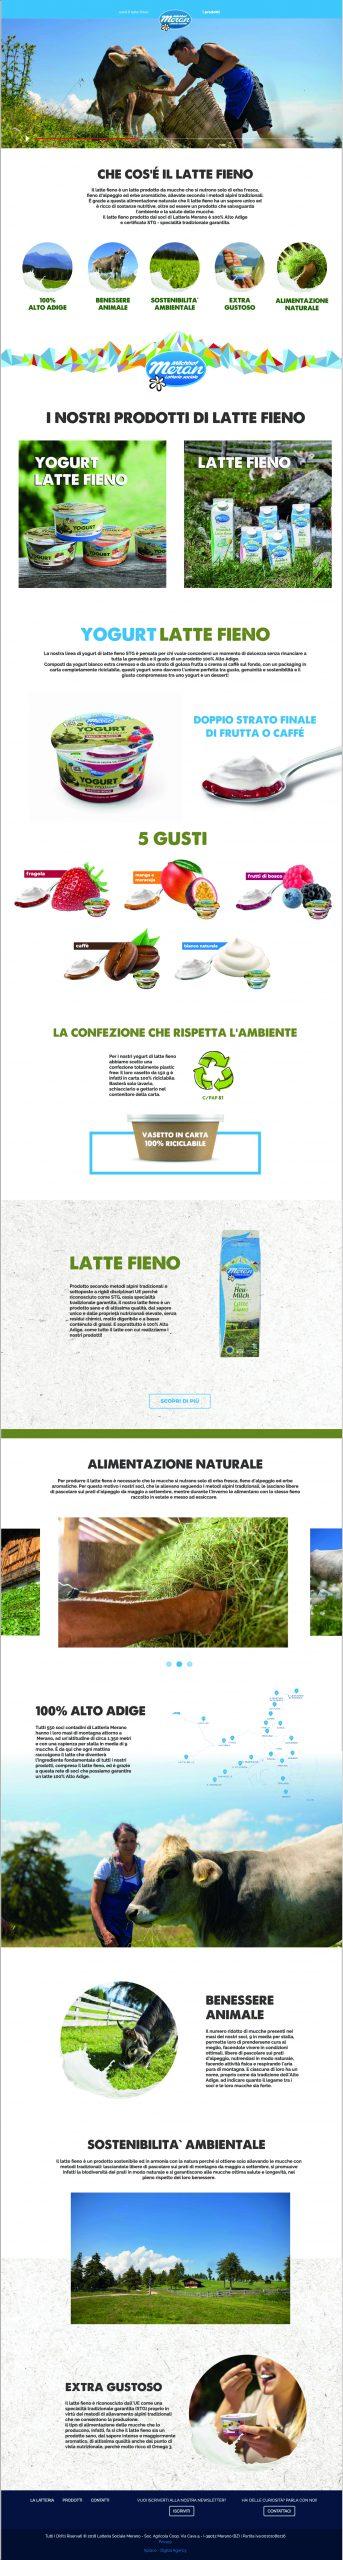 Landing Page latte fieno